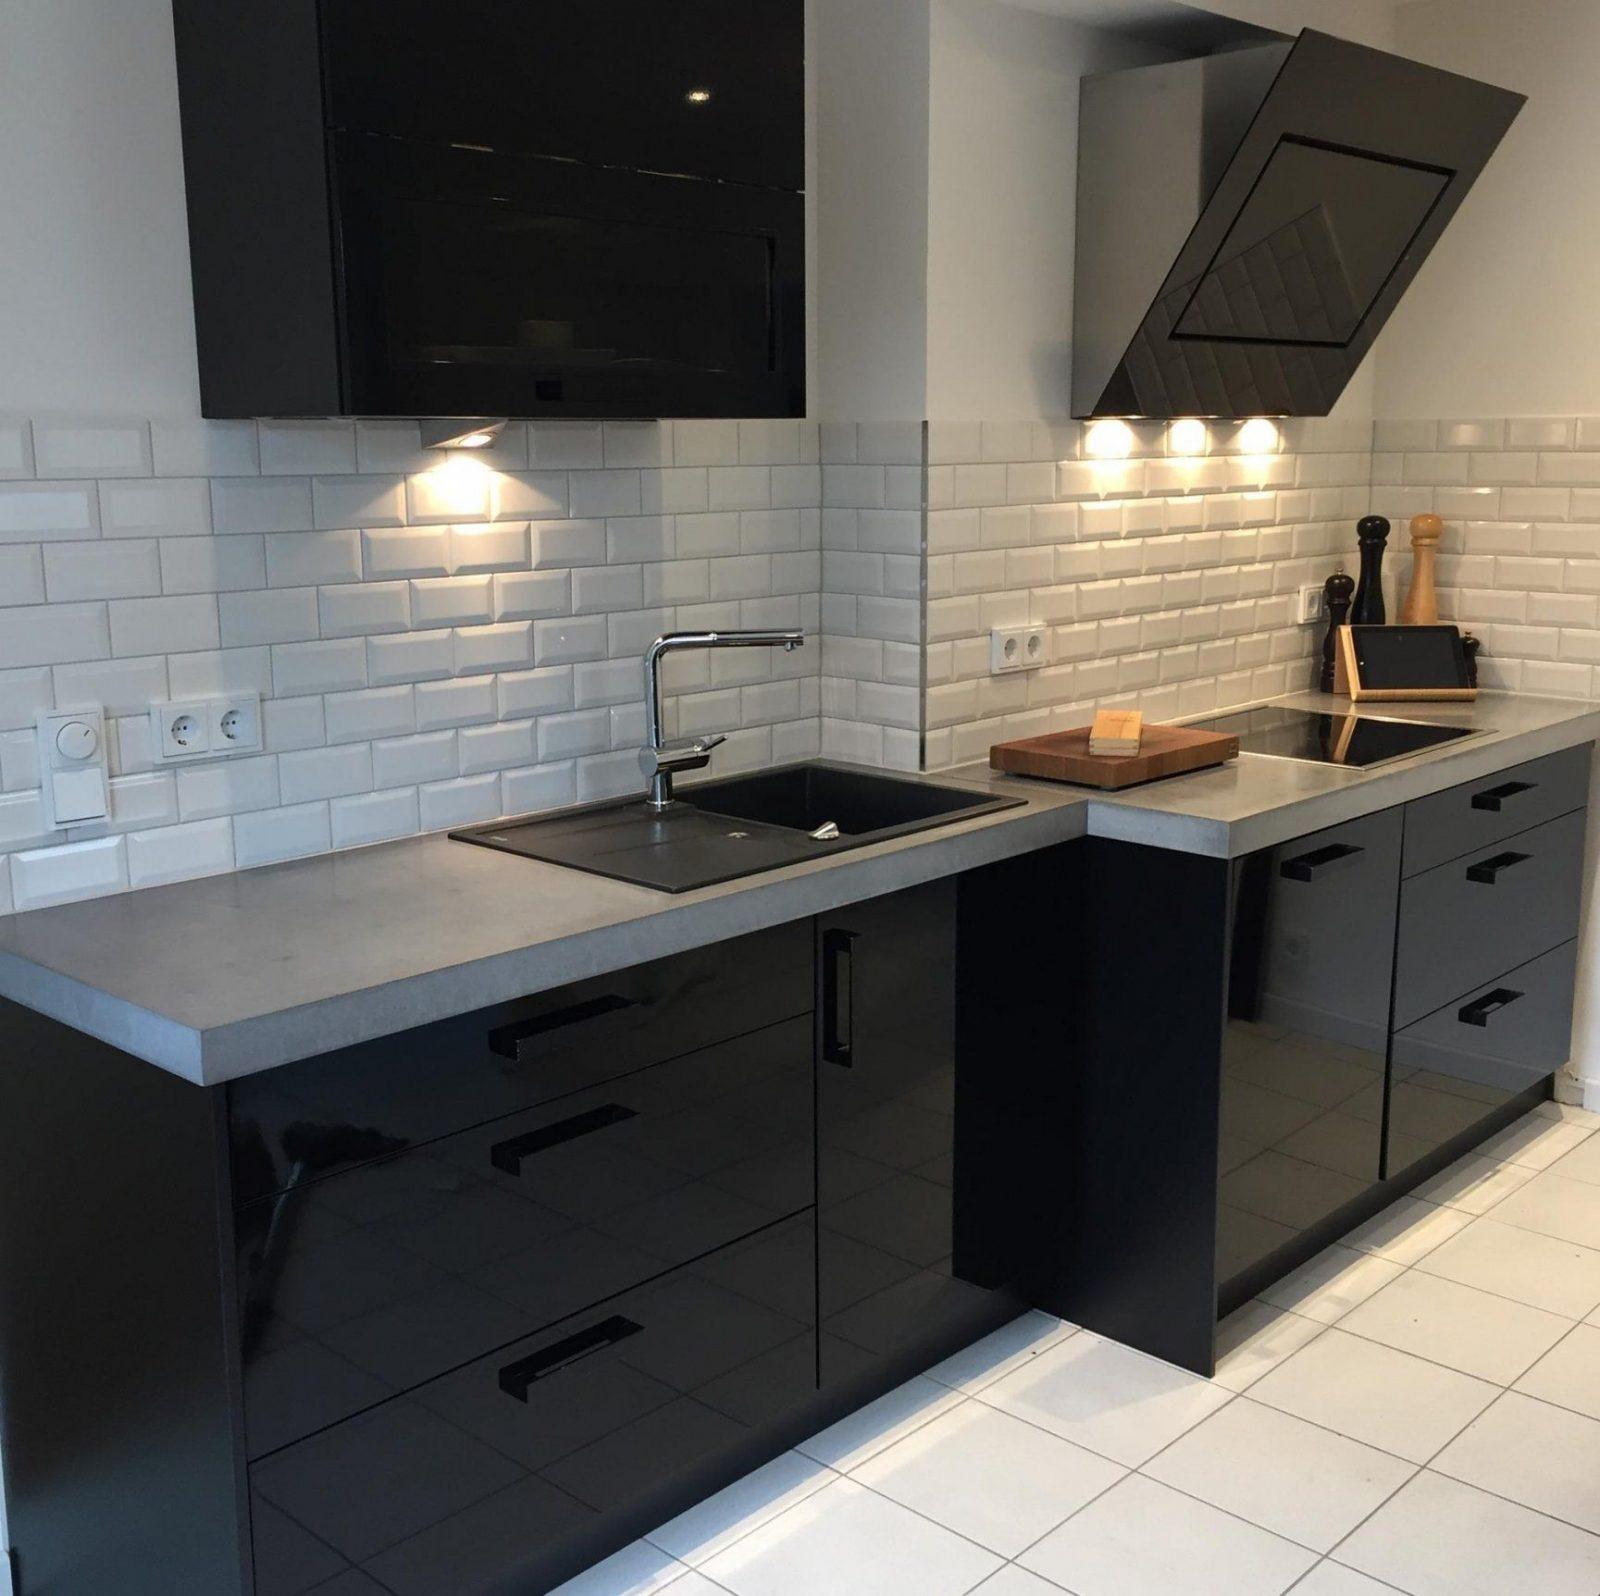 arbeitsplatten aus beton diy anleitung mit betonrezept bigmeatlove von arbeitsplatte aus beton. Black Bedroom Furniture Sets. Home Design Ideas